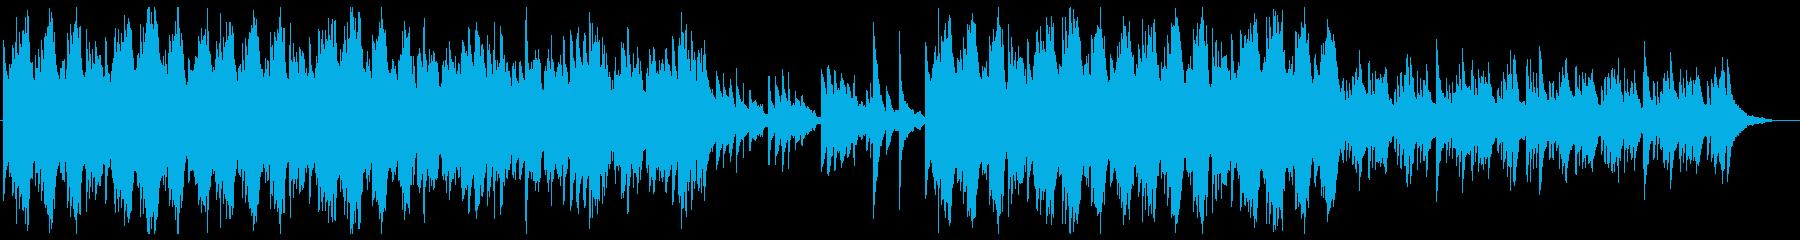 儚く切ないピアノソロの再生済みの波形